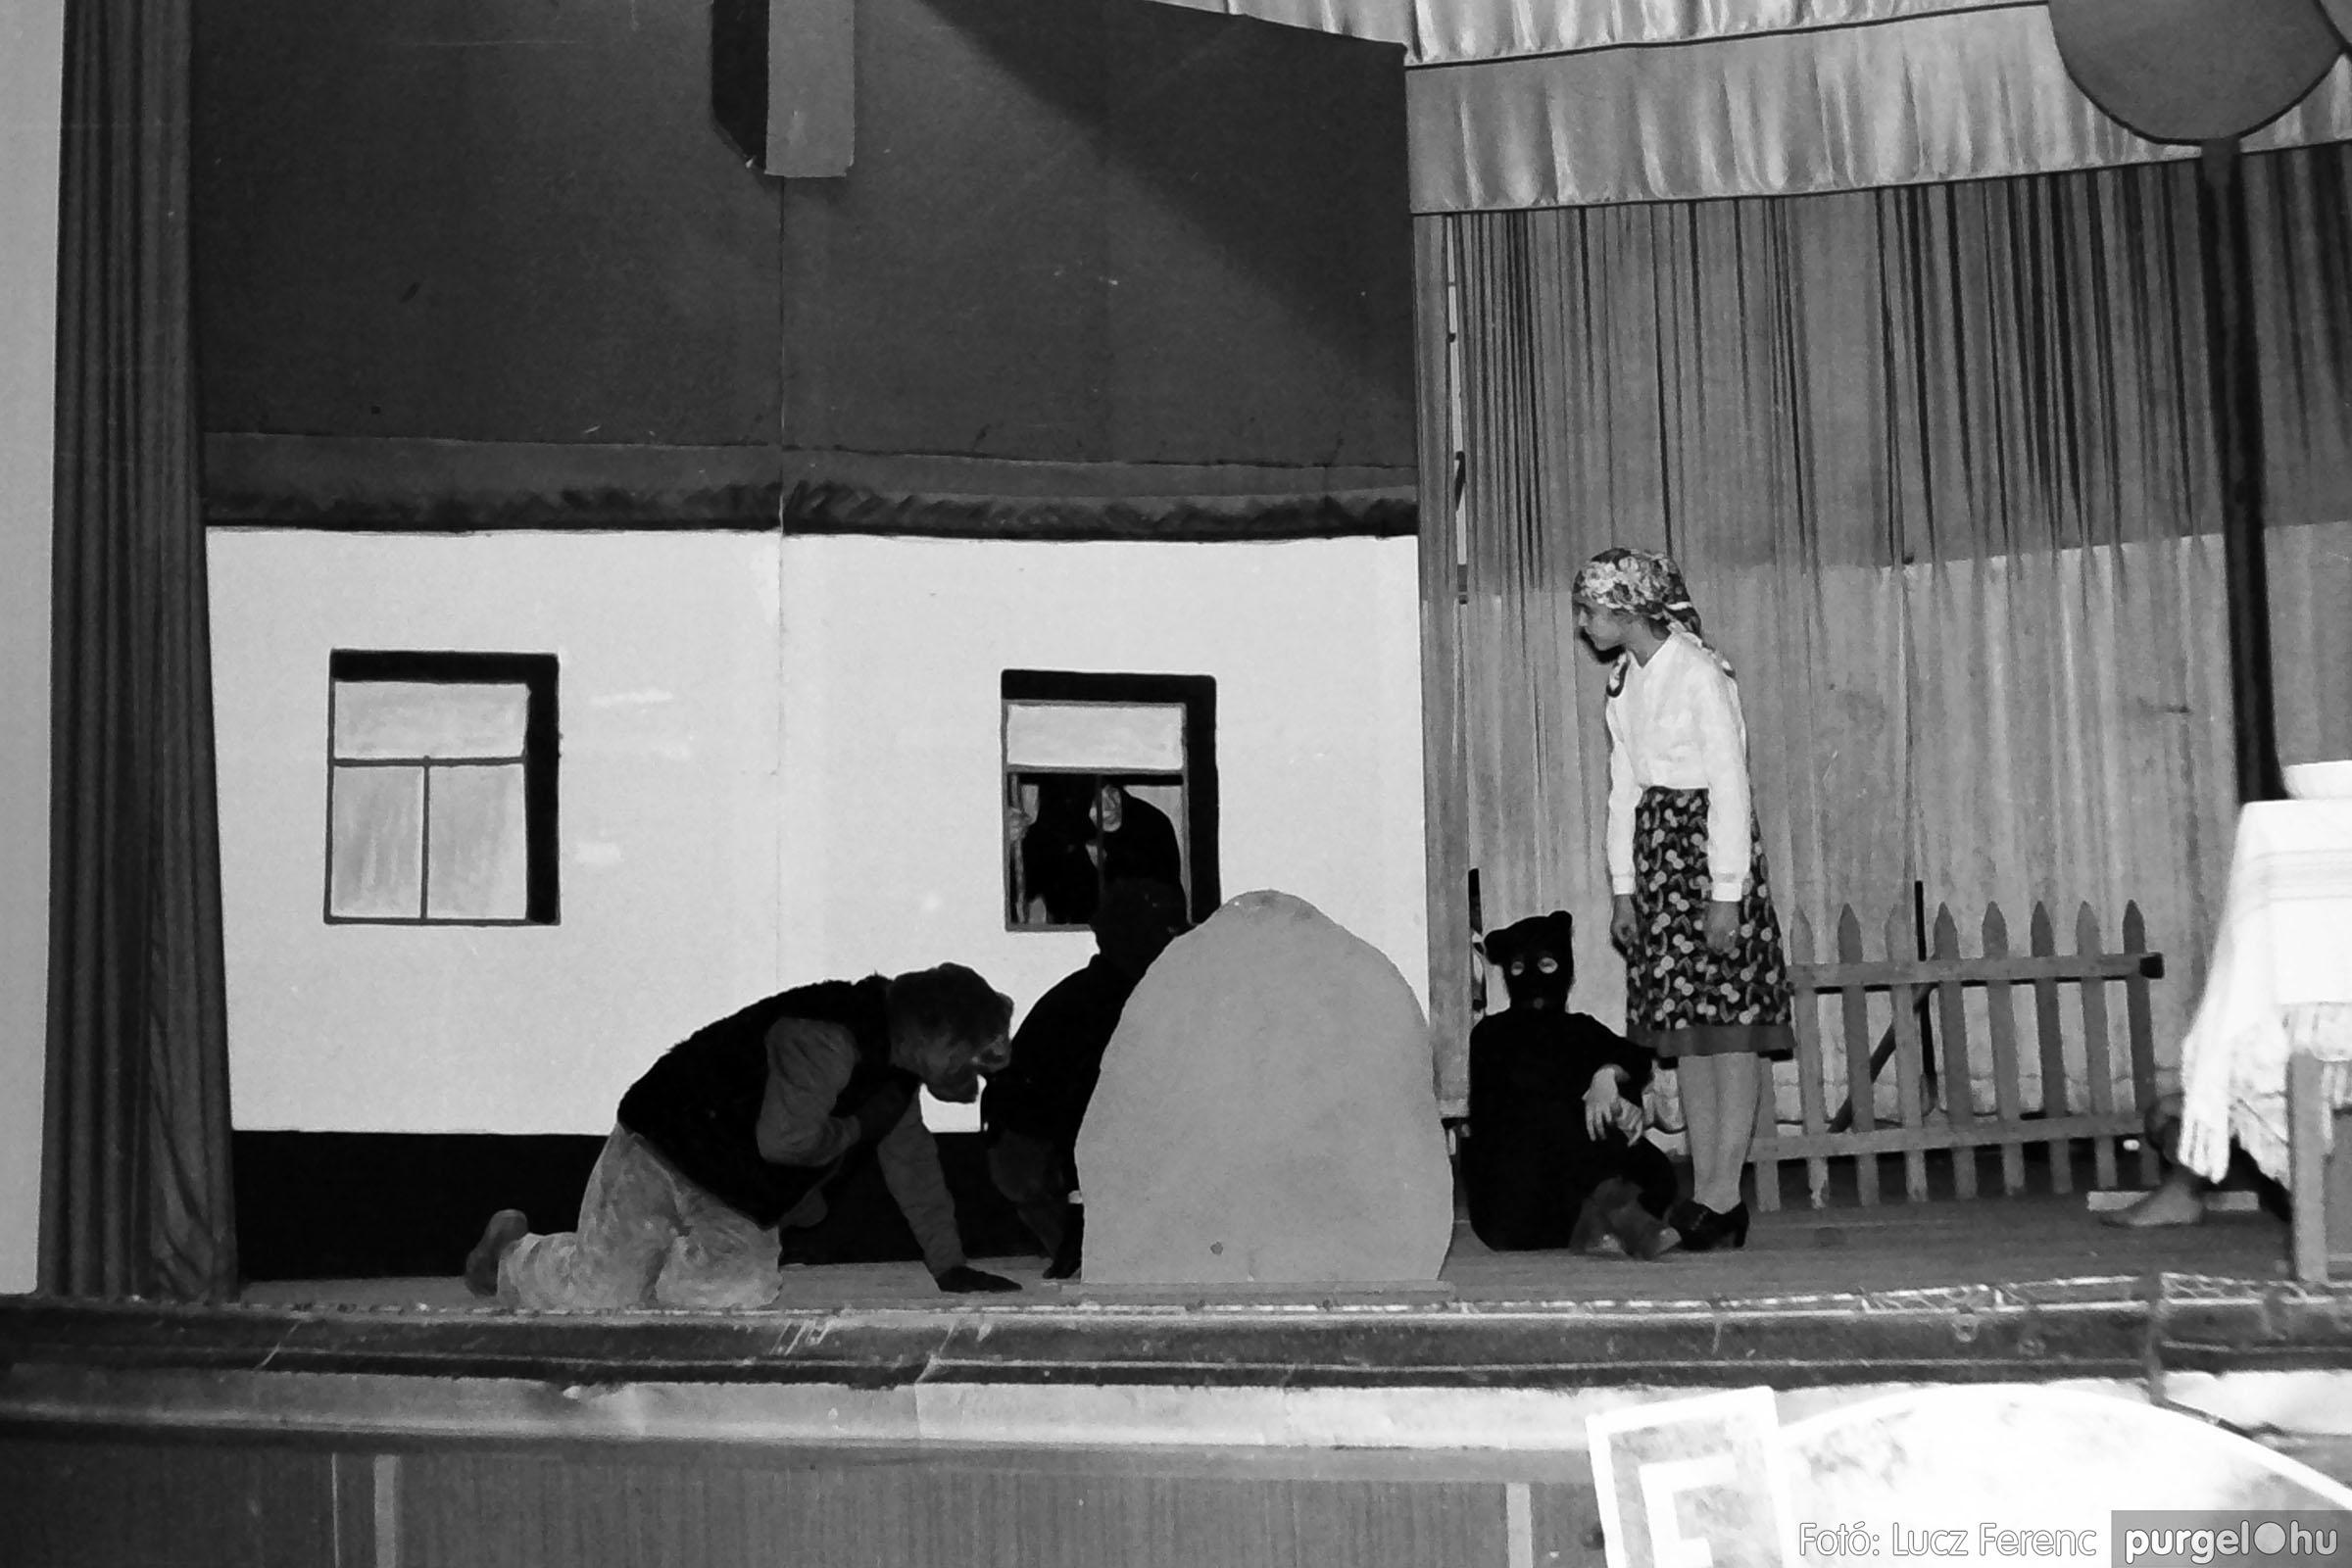 036-037. 1976. Diákprogram a kultúrházban 014 - Fotó: Lucz Ferenc.jpg